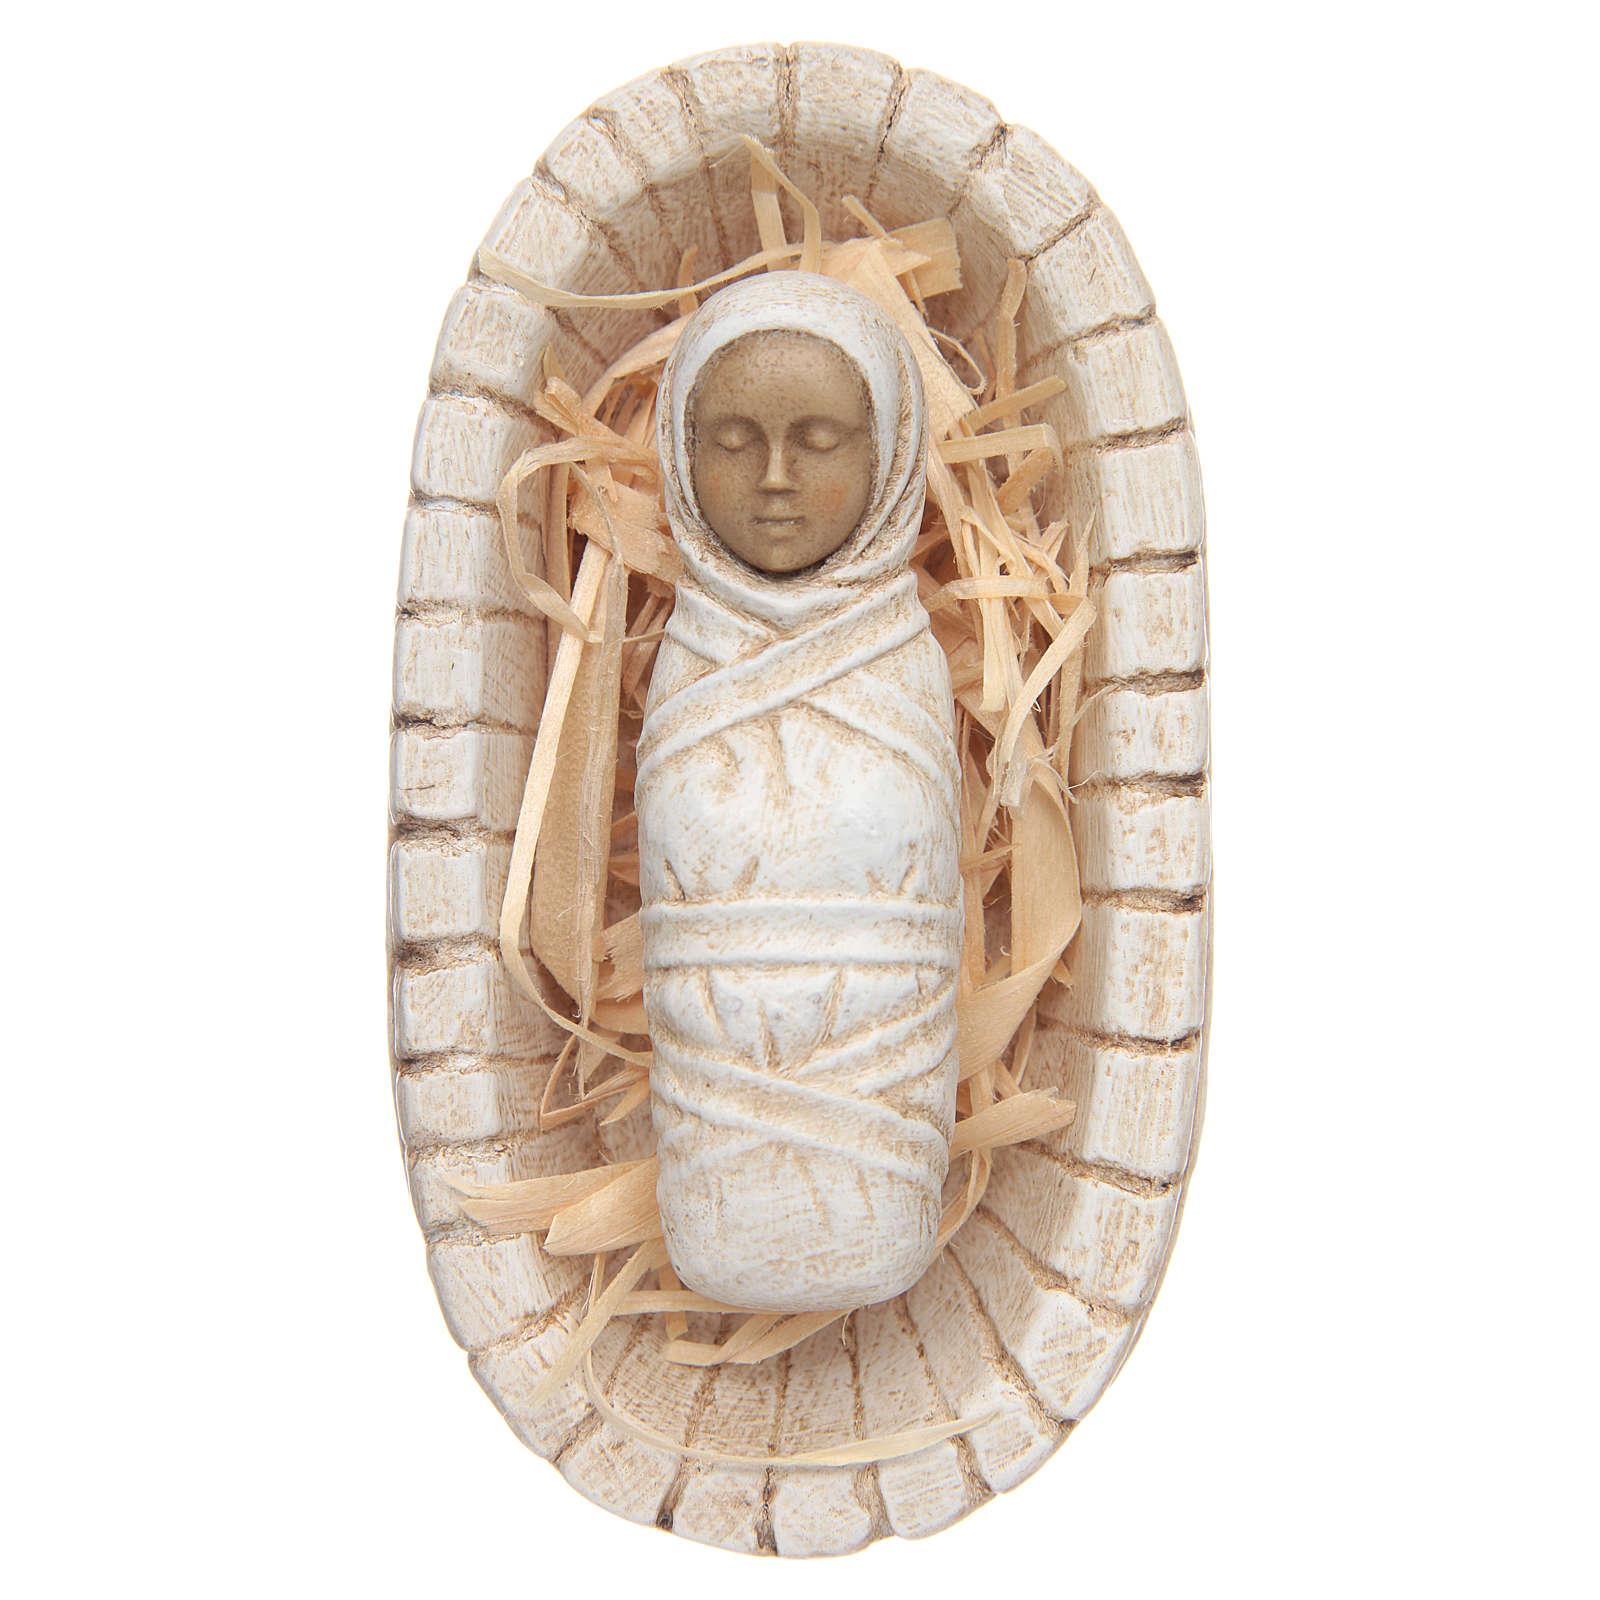 Enfant Jésus avec sa crèche - petite crèche 4